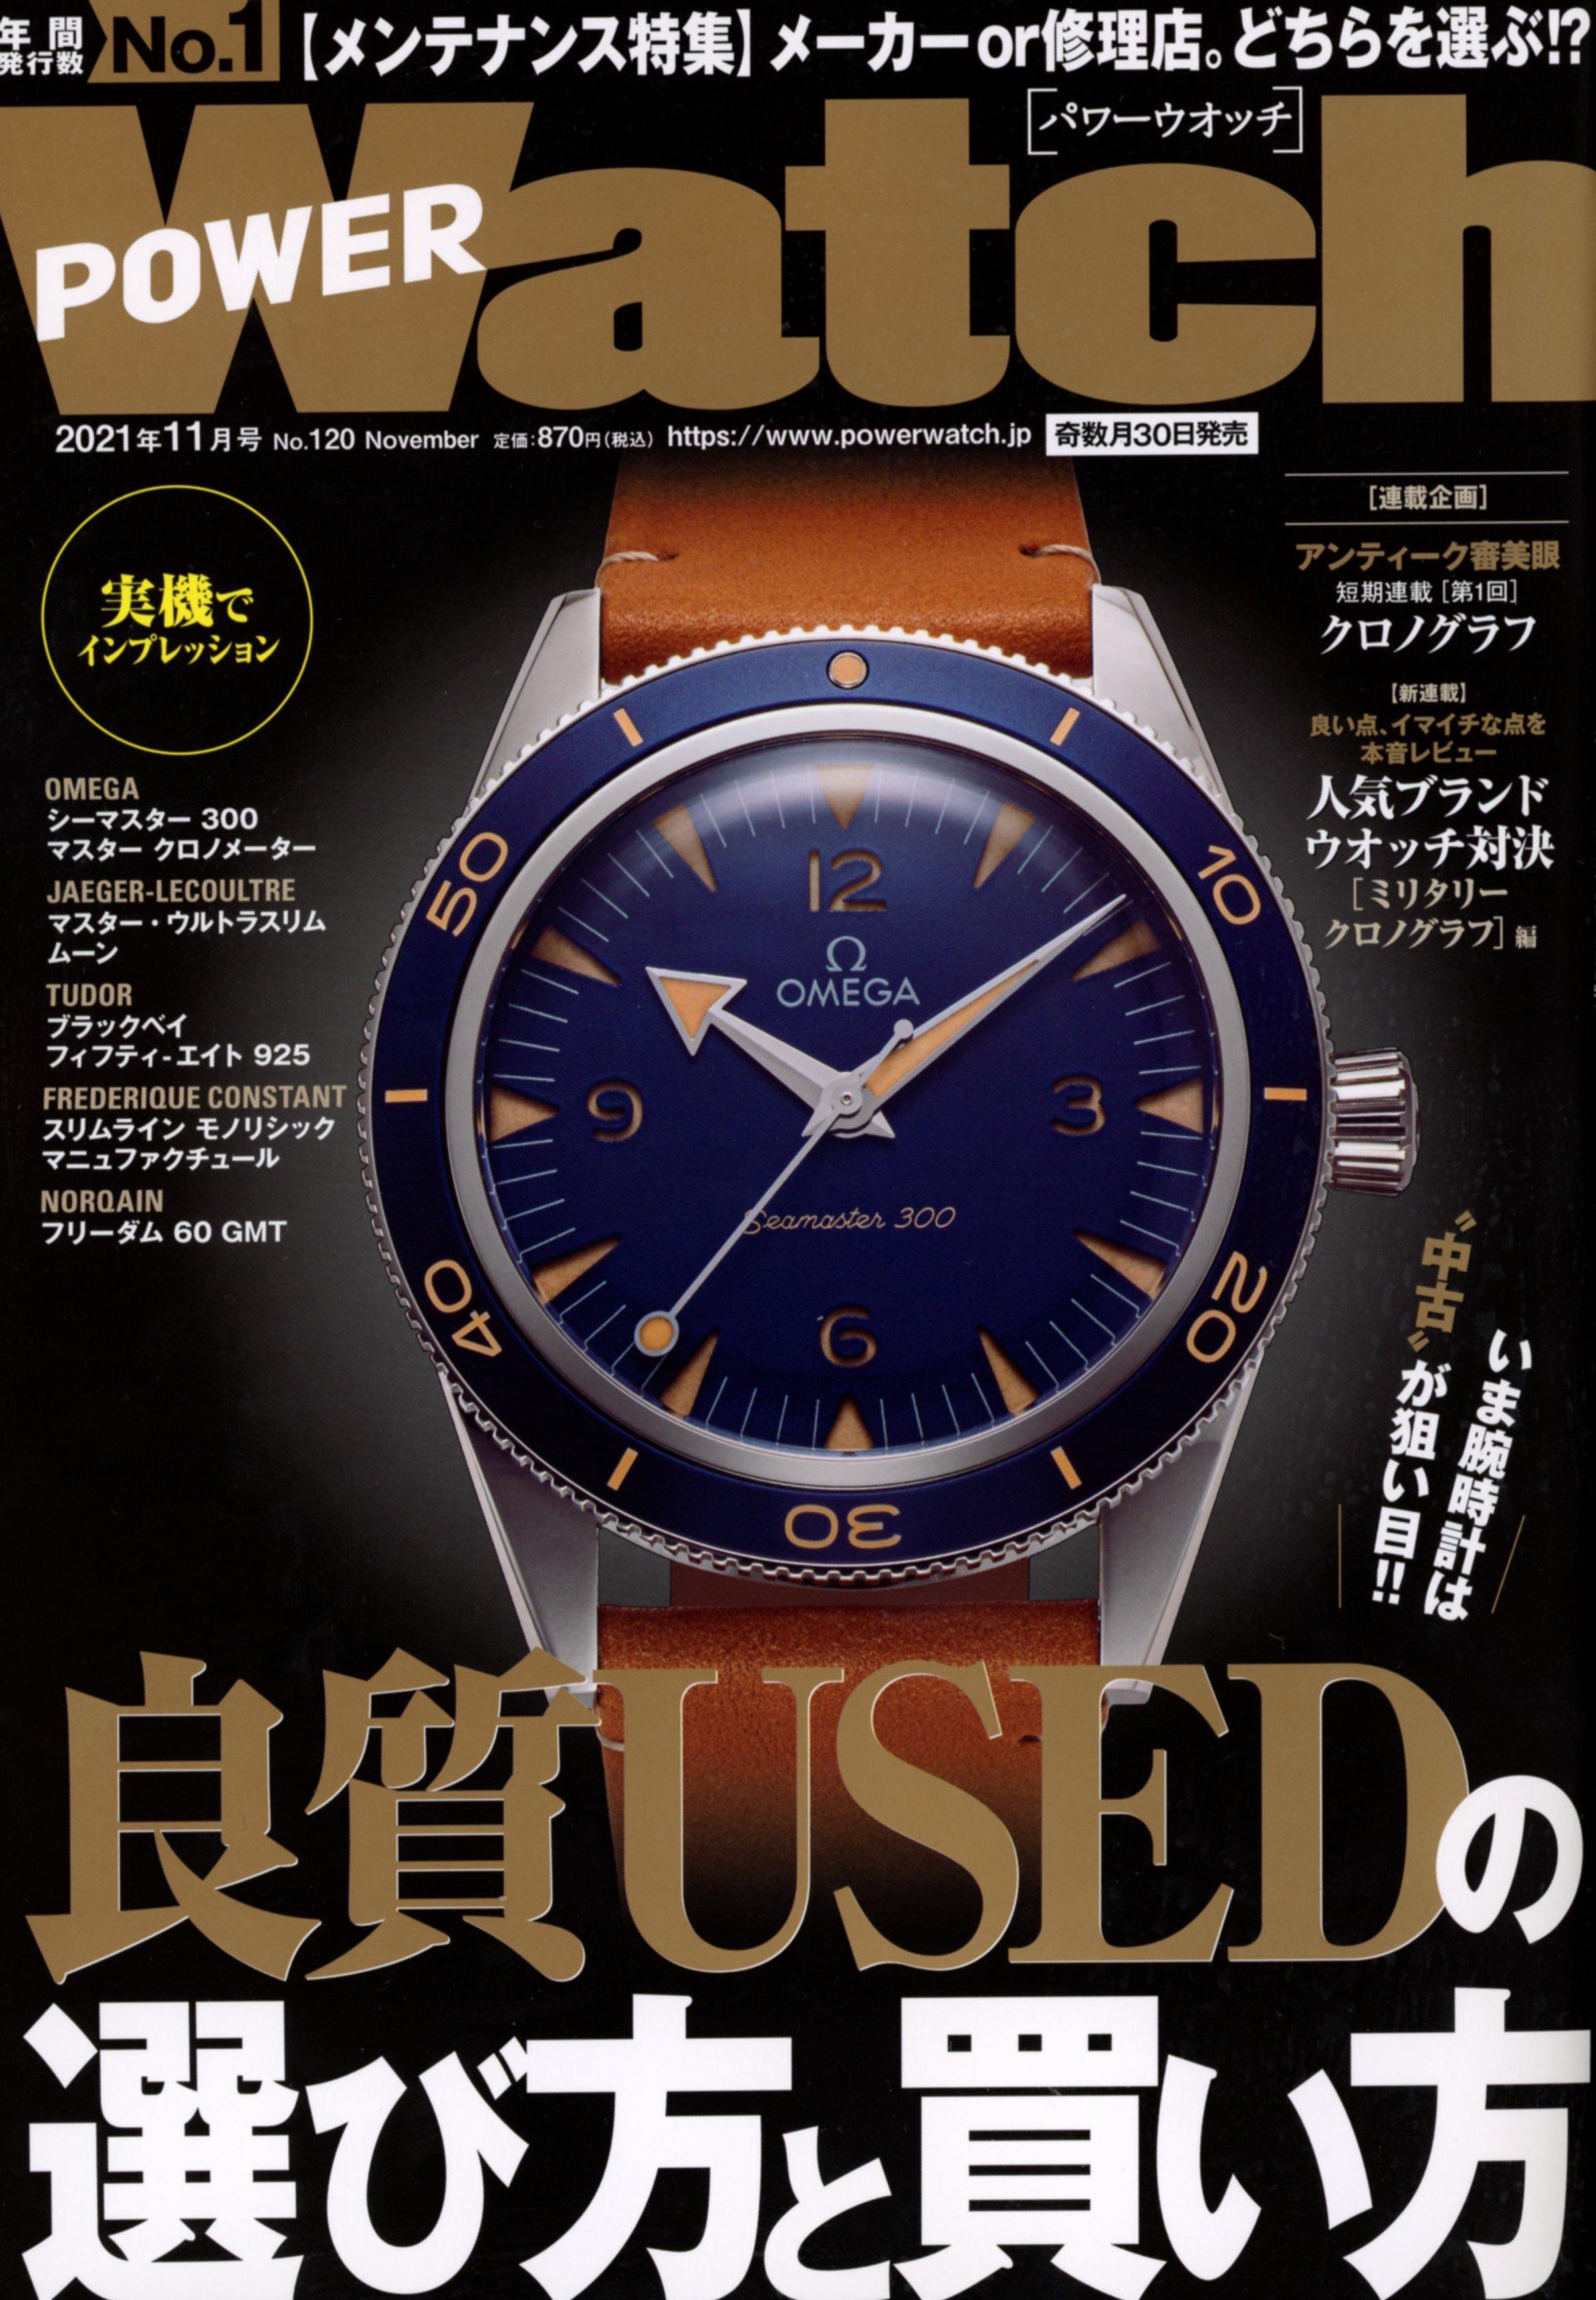 【9/30売り】POWER WATCH 11月号掲載